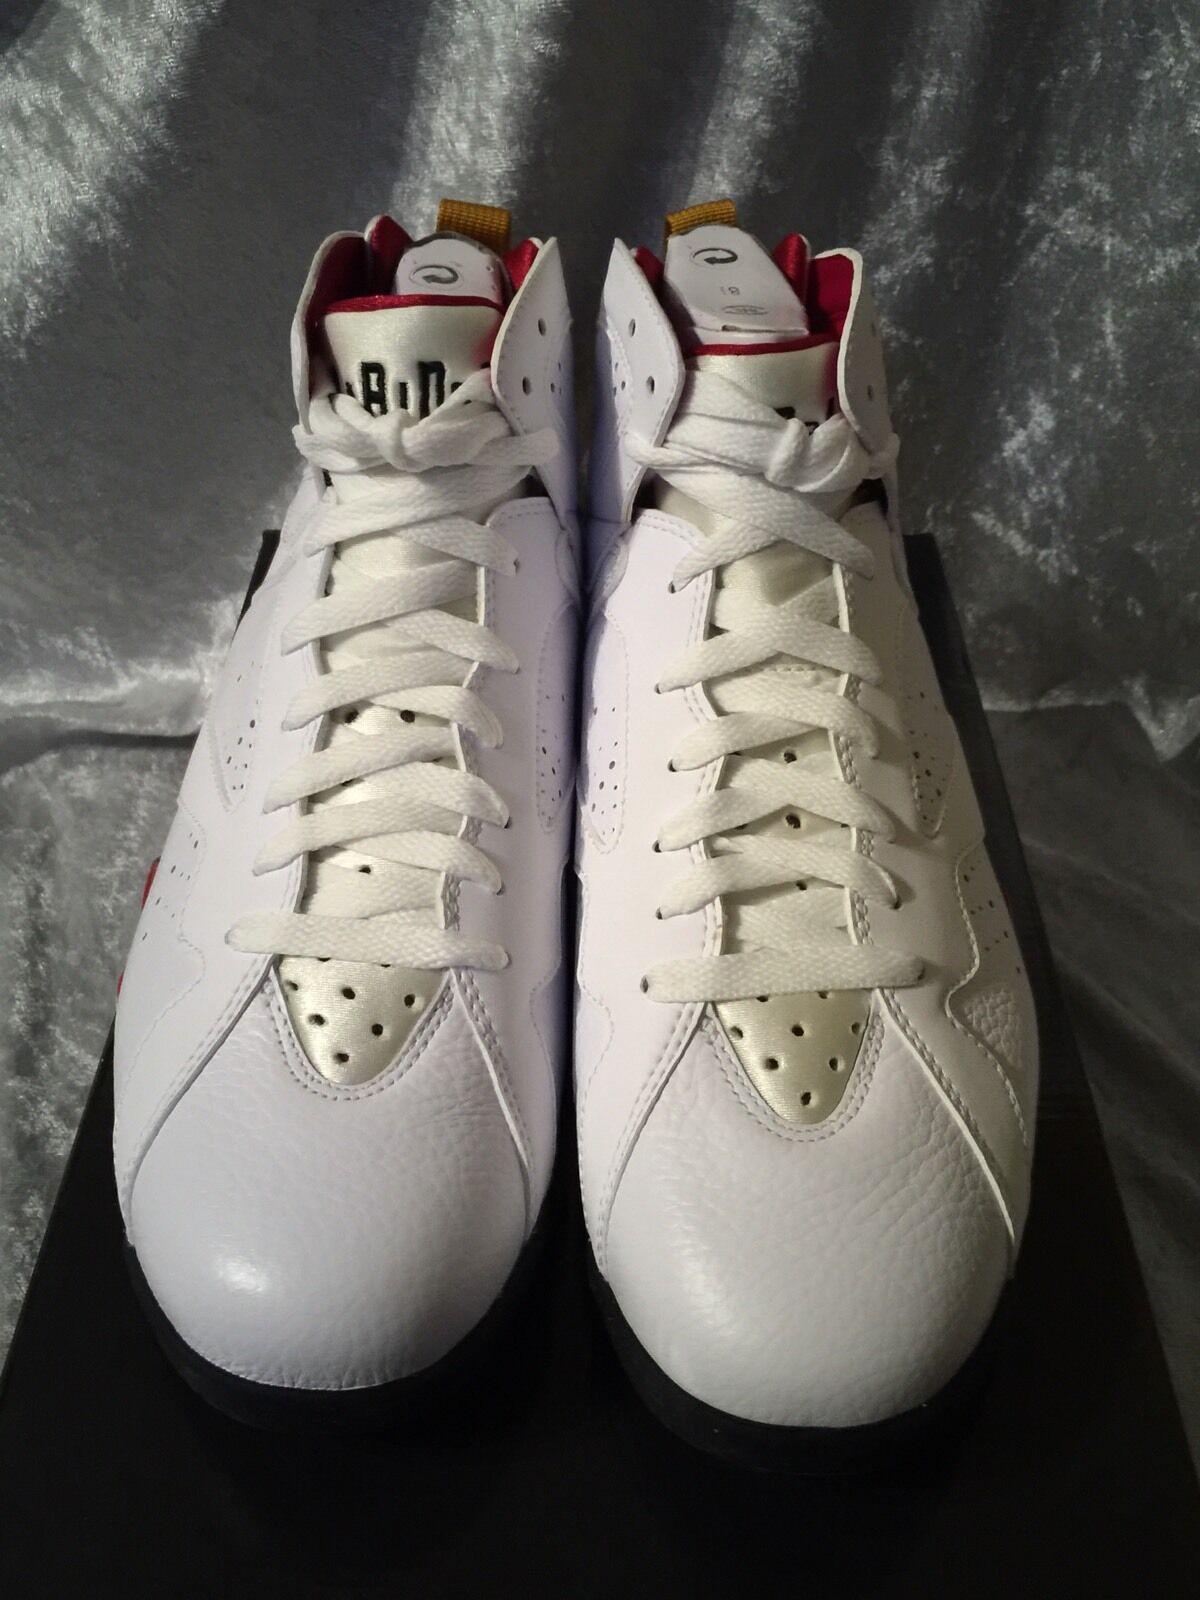 Nike Jordan 7 último retro Cardenal comodo el último 7 descuento zapatos para hombres y mujeres 7a8368